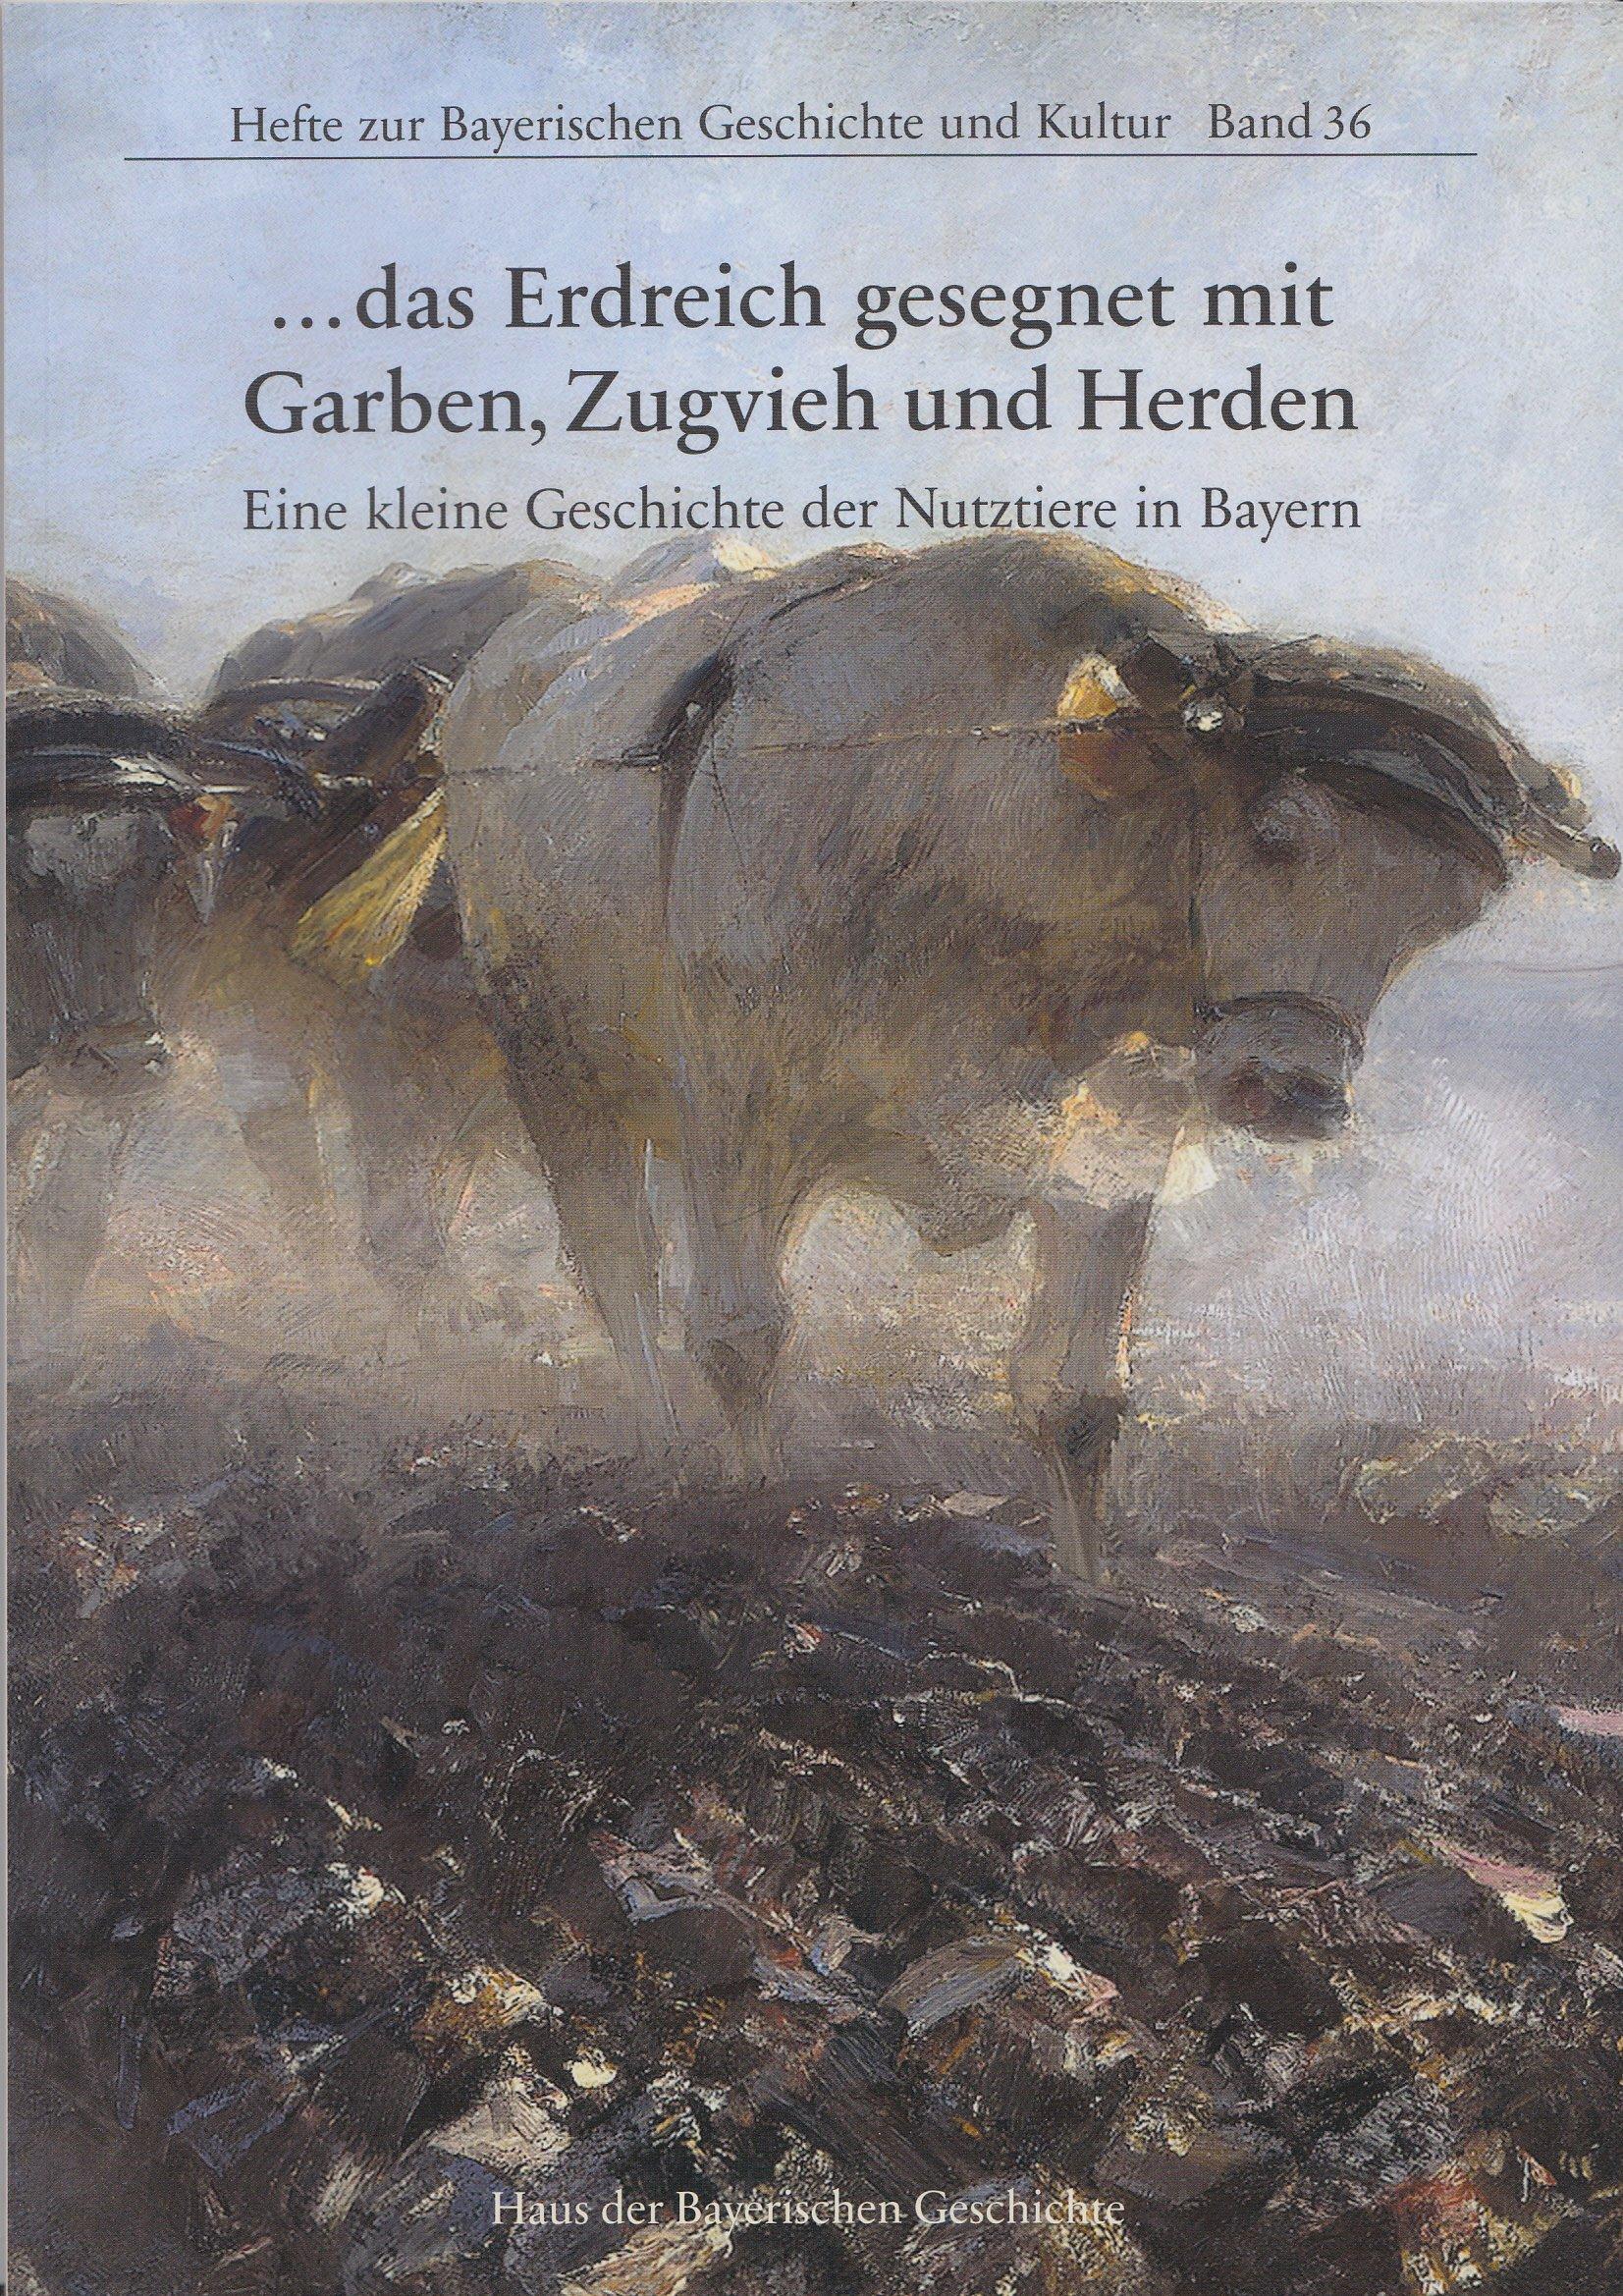 . das Erdreich gesegnet mit Garben, Zugvieh und Herden: Eine kleine Geschichte der Nutztiere in Bayern (Hefte zur Bayerischen Geschichte und Kultur)